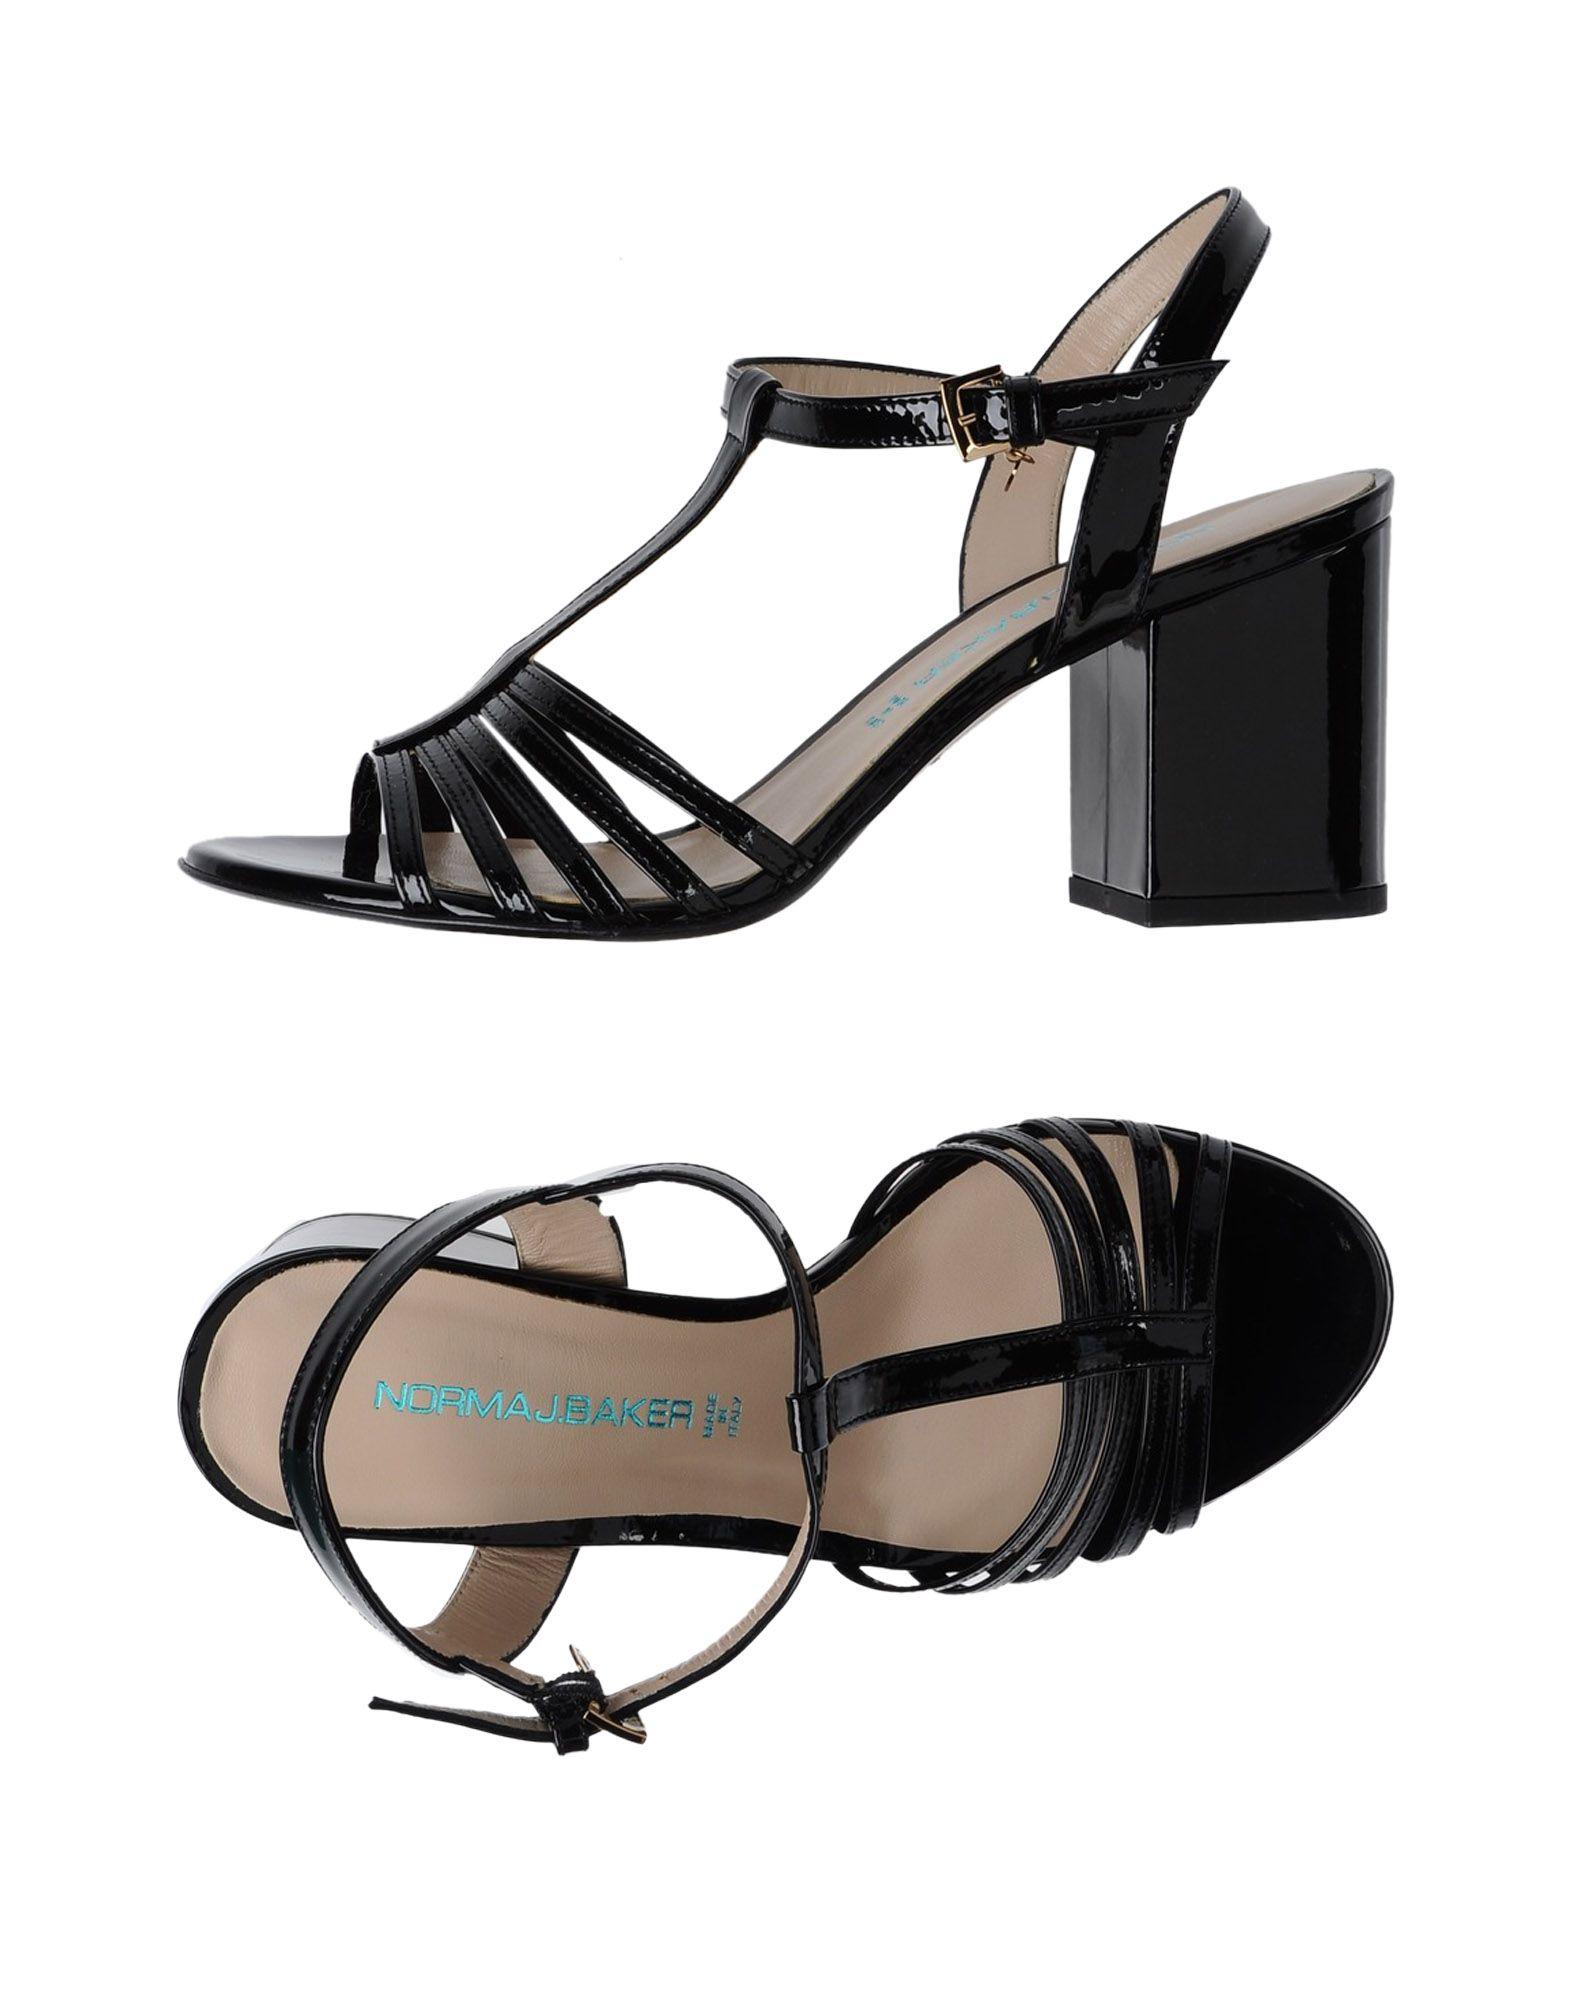 Norma J.Baker Sandalen Damen  11338881DP Gute Qualität beliebte Schuhe